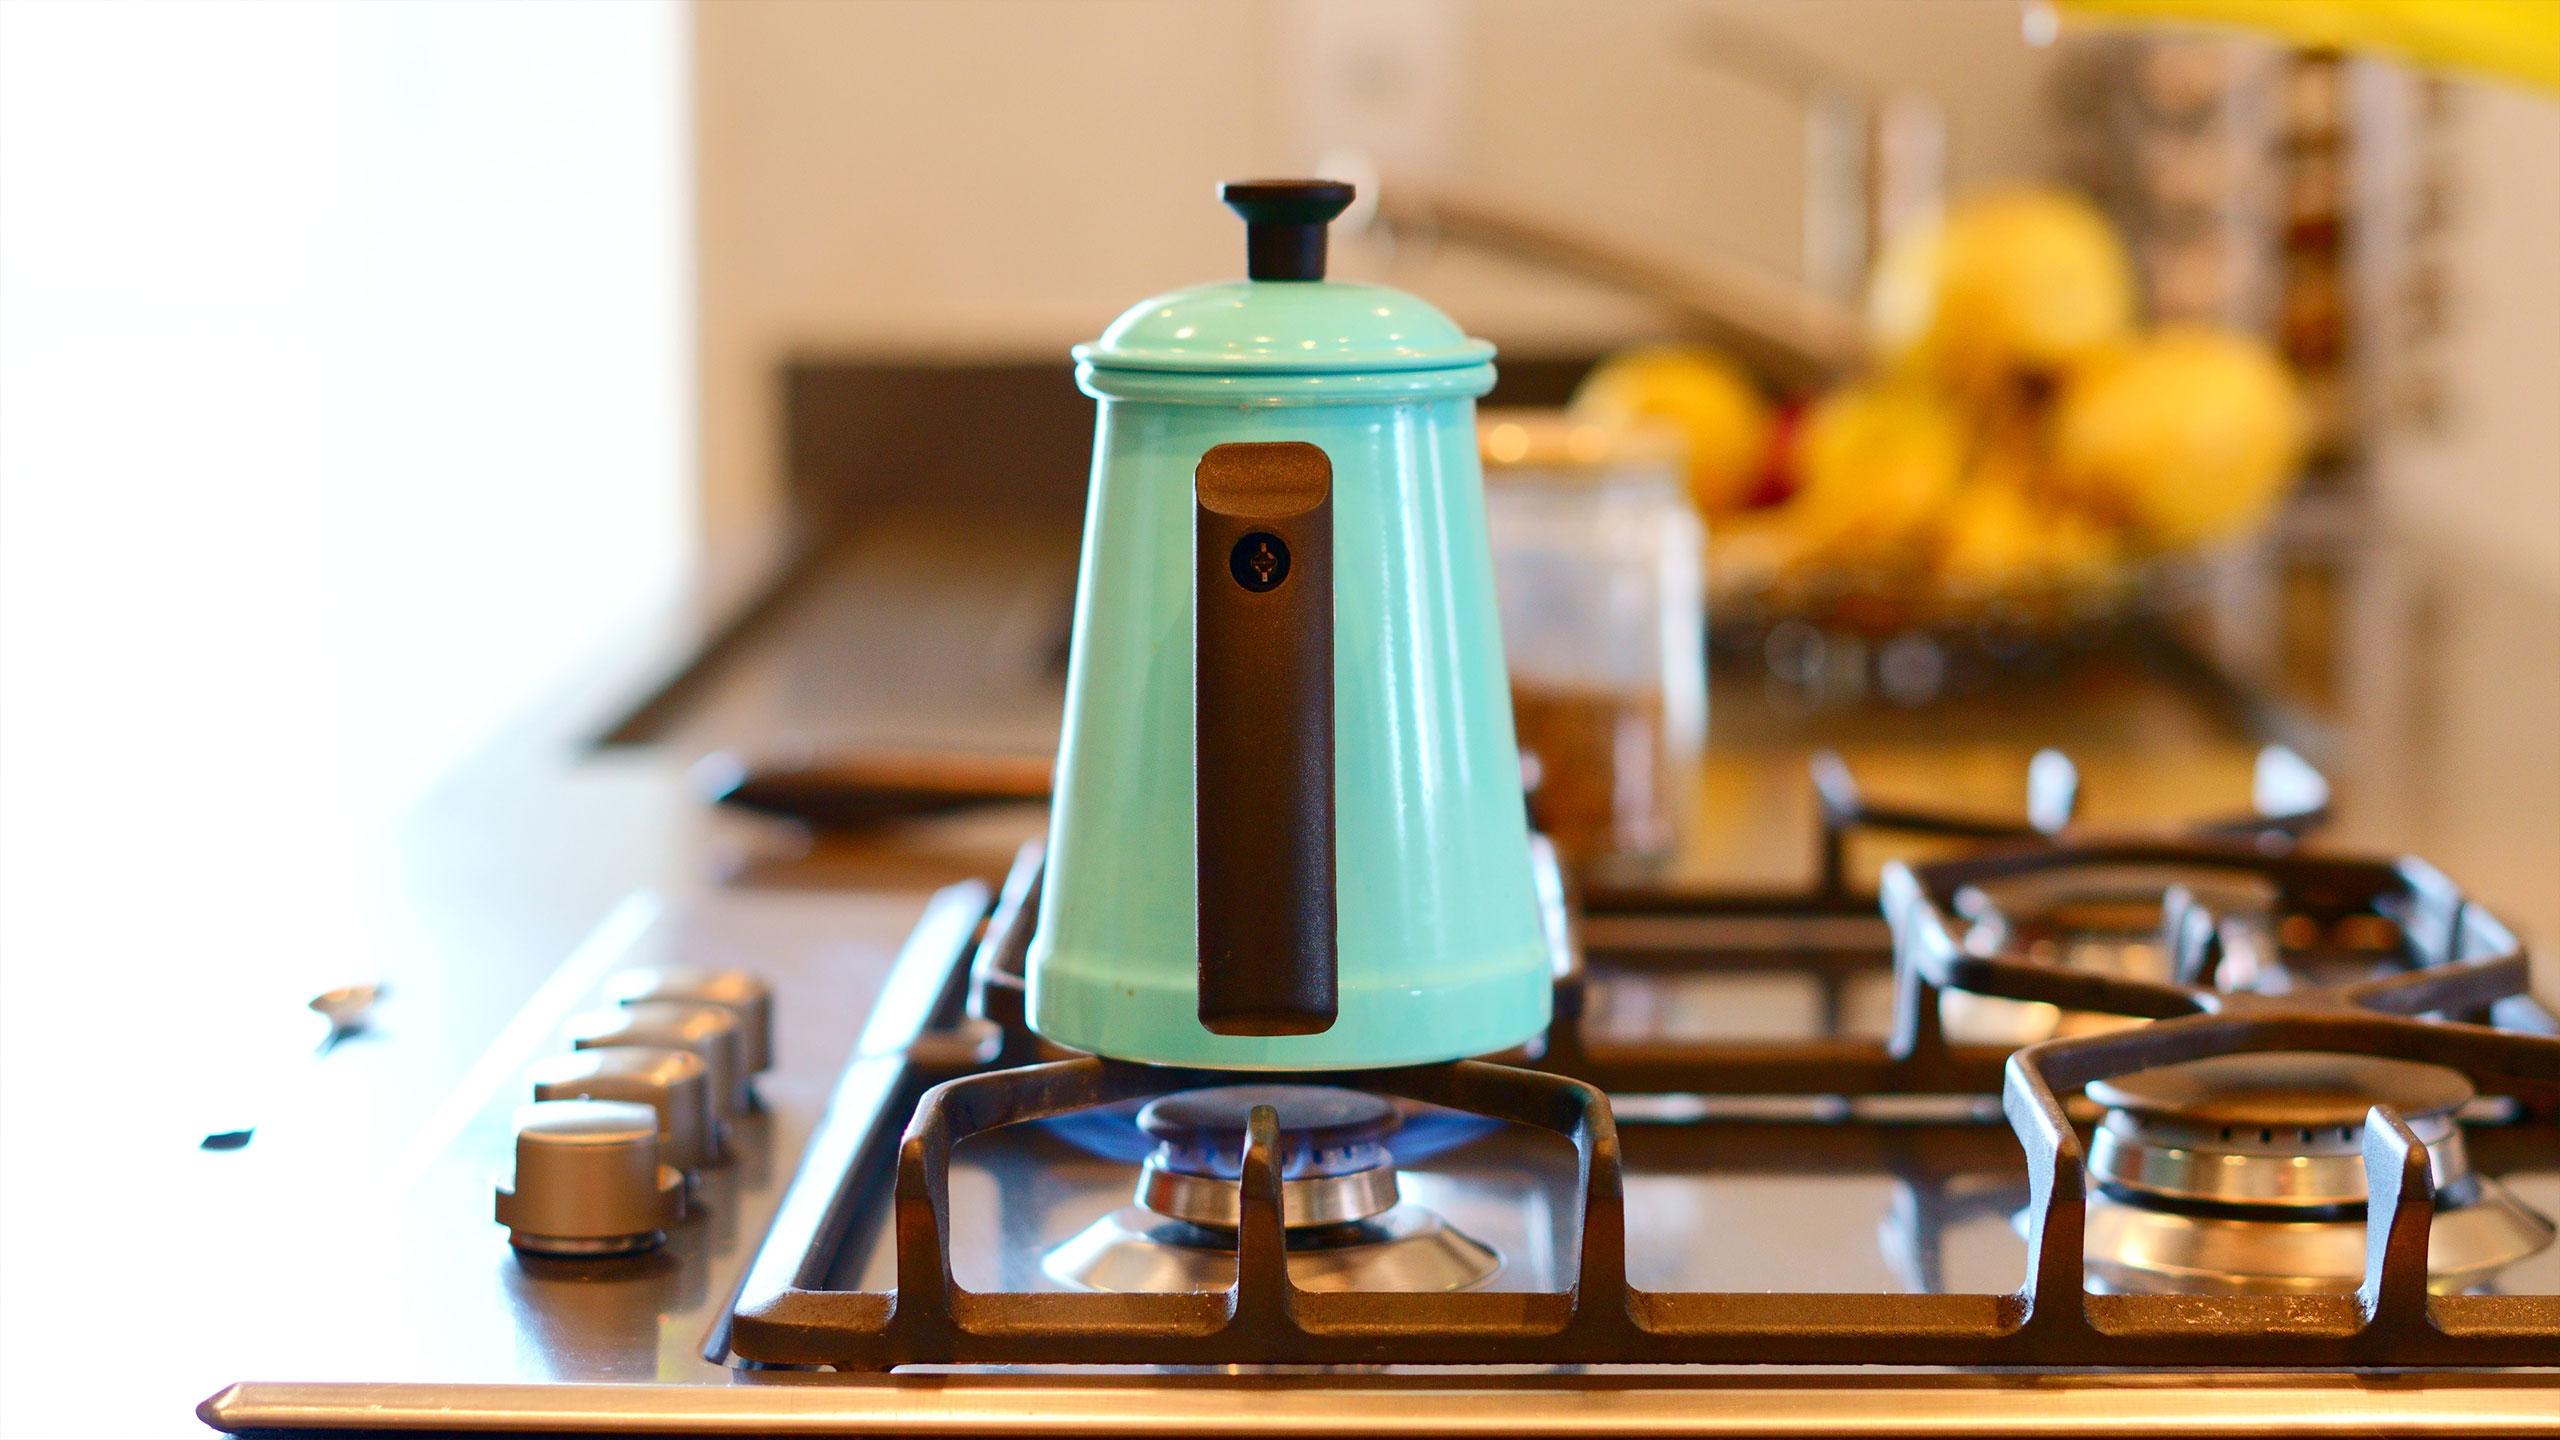 ahorrar-gas-en-la-cocina